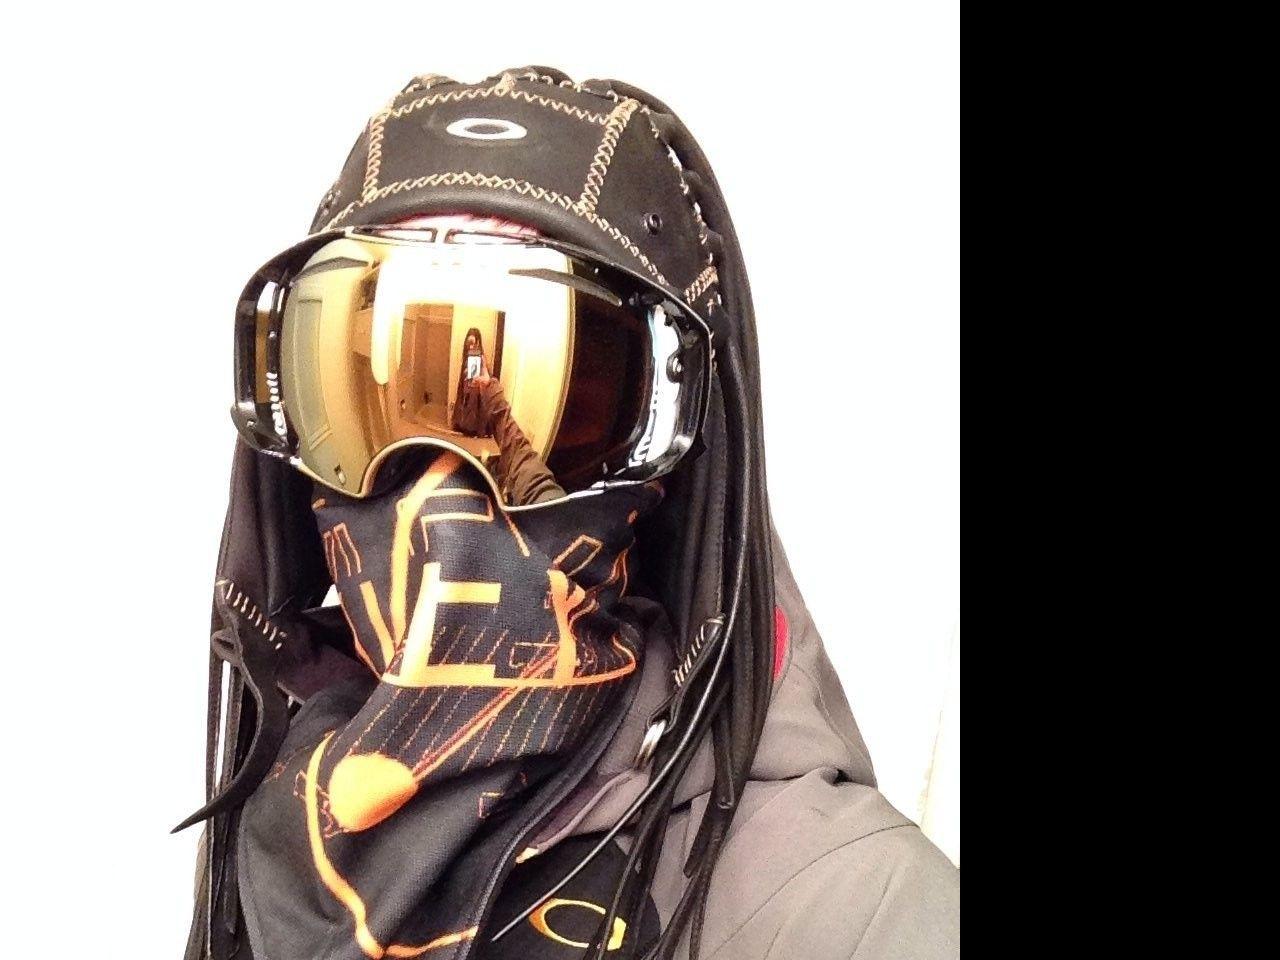 Snowboarding Outfit - uba3y9y2.jpg